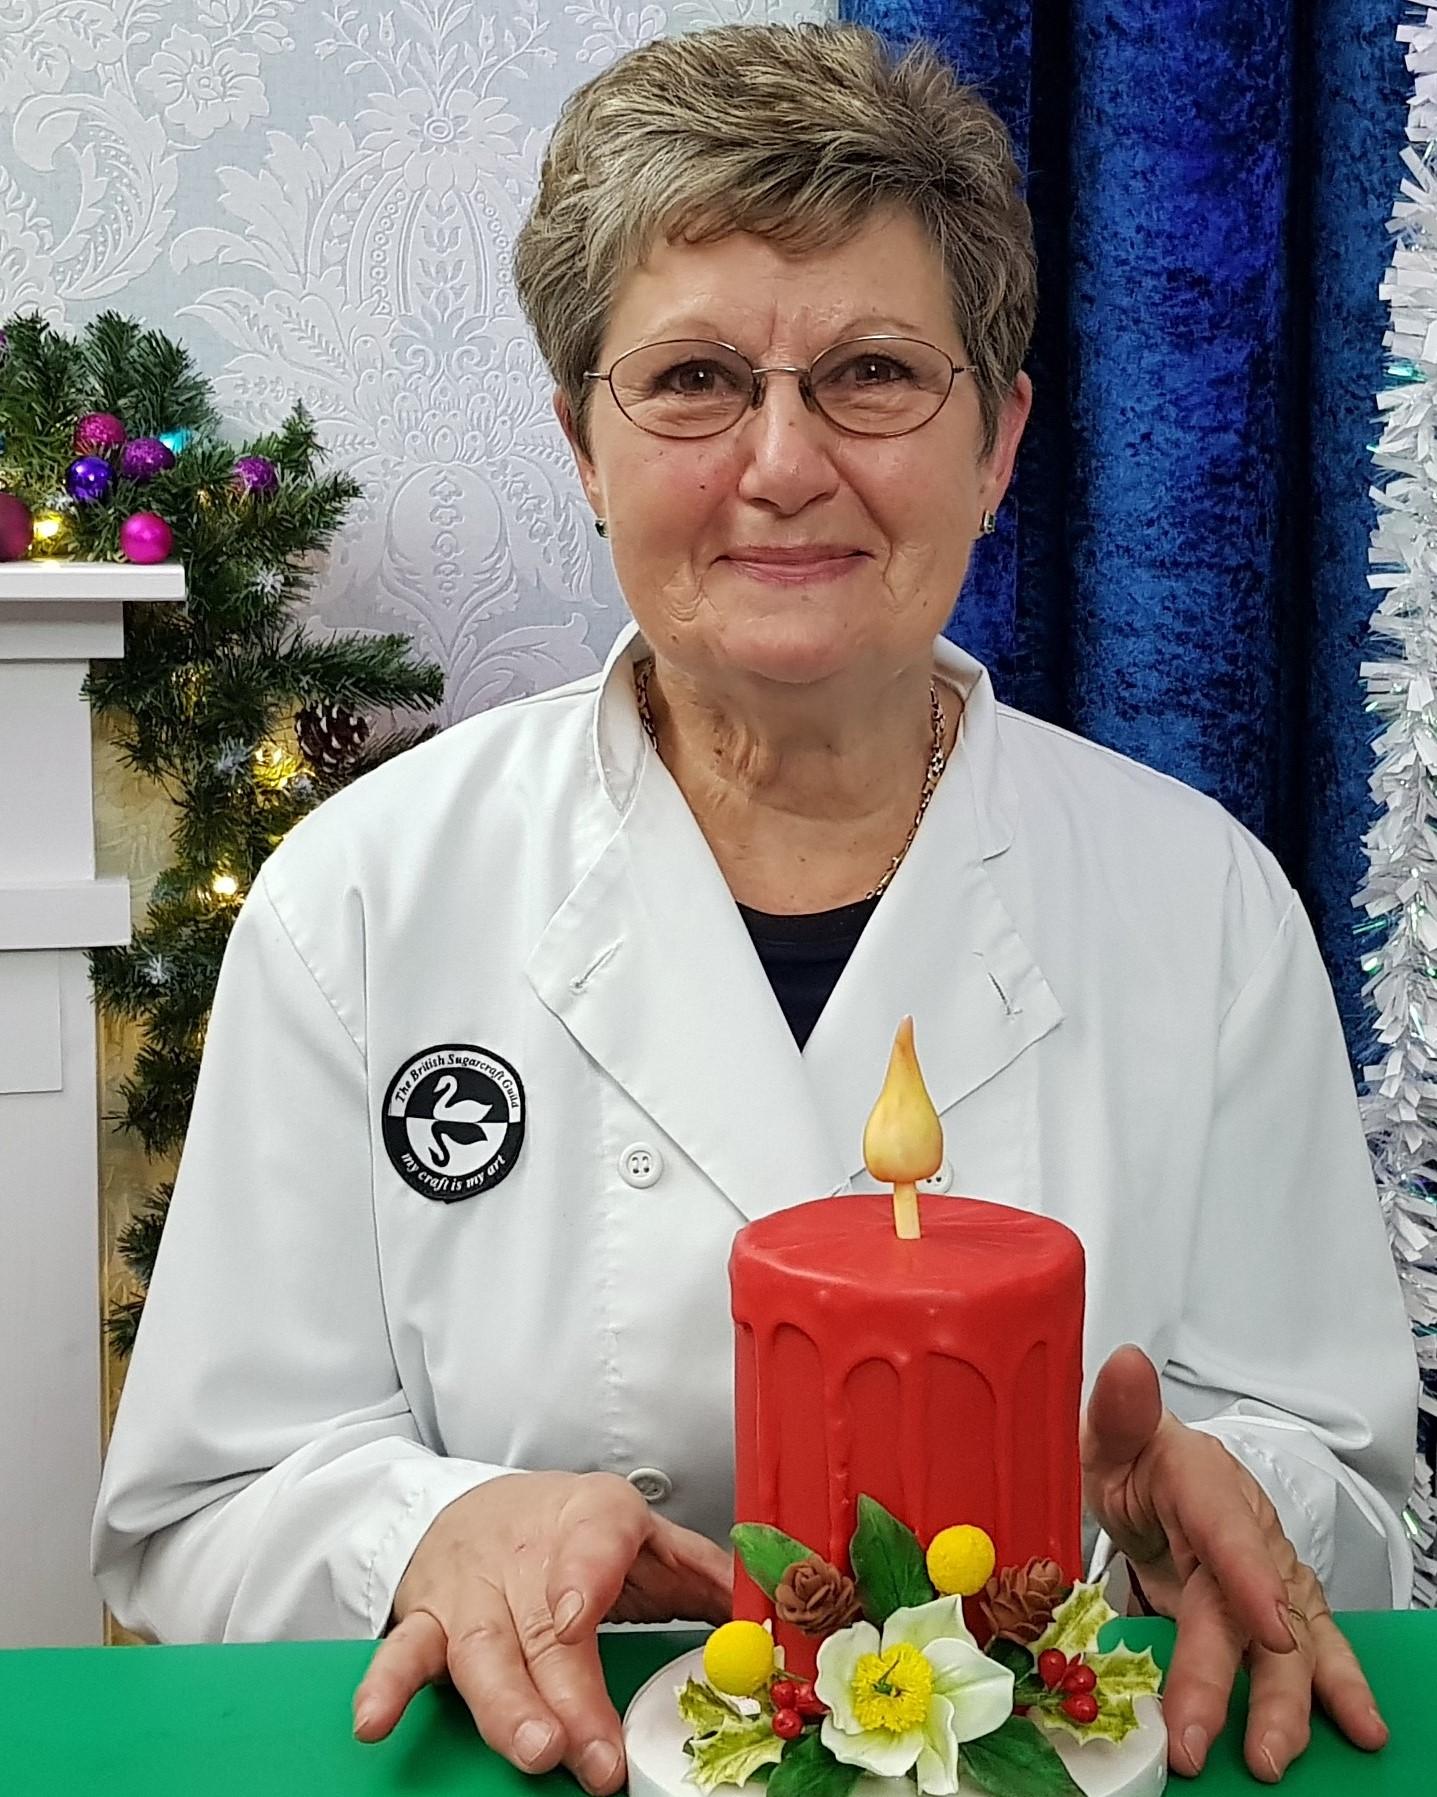 PAT SMITH - CHRISTMAS CANDLE CAKE